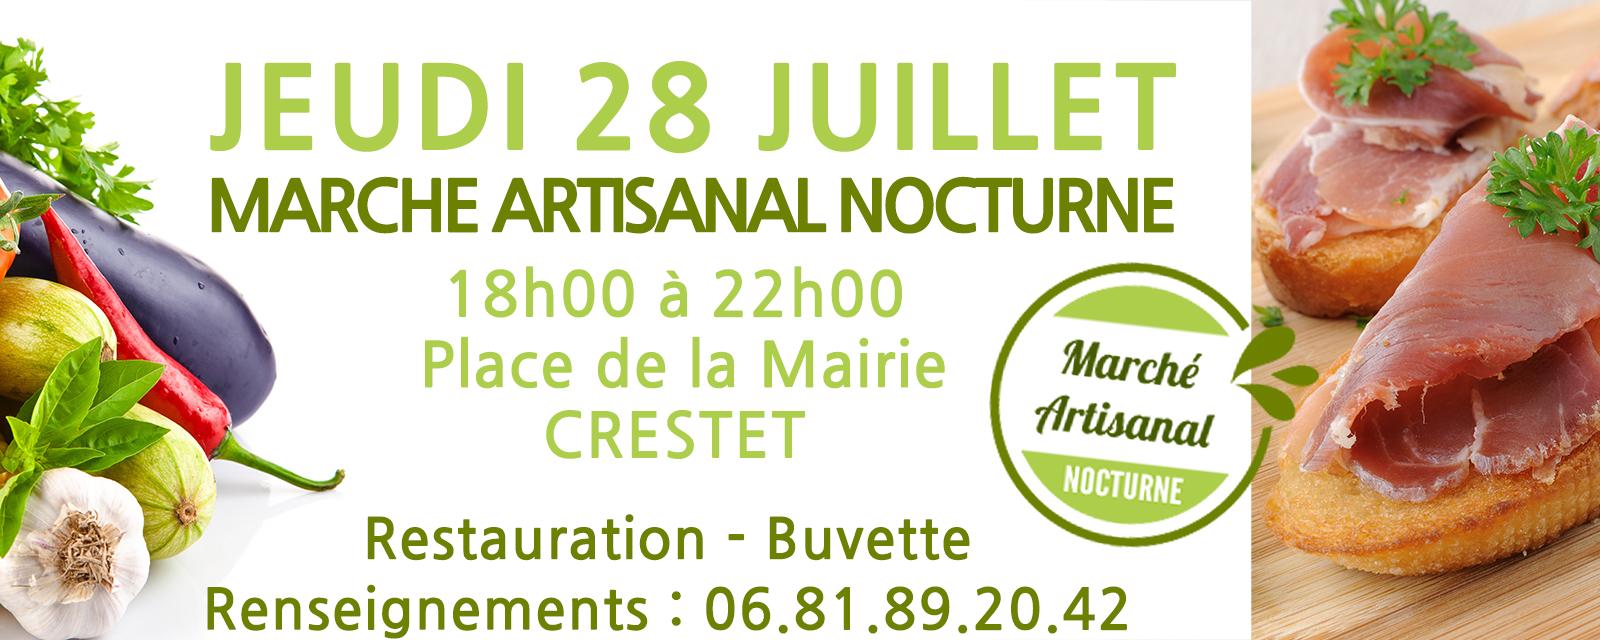 marche nocturne 072016